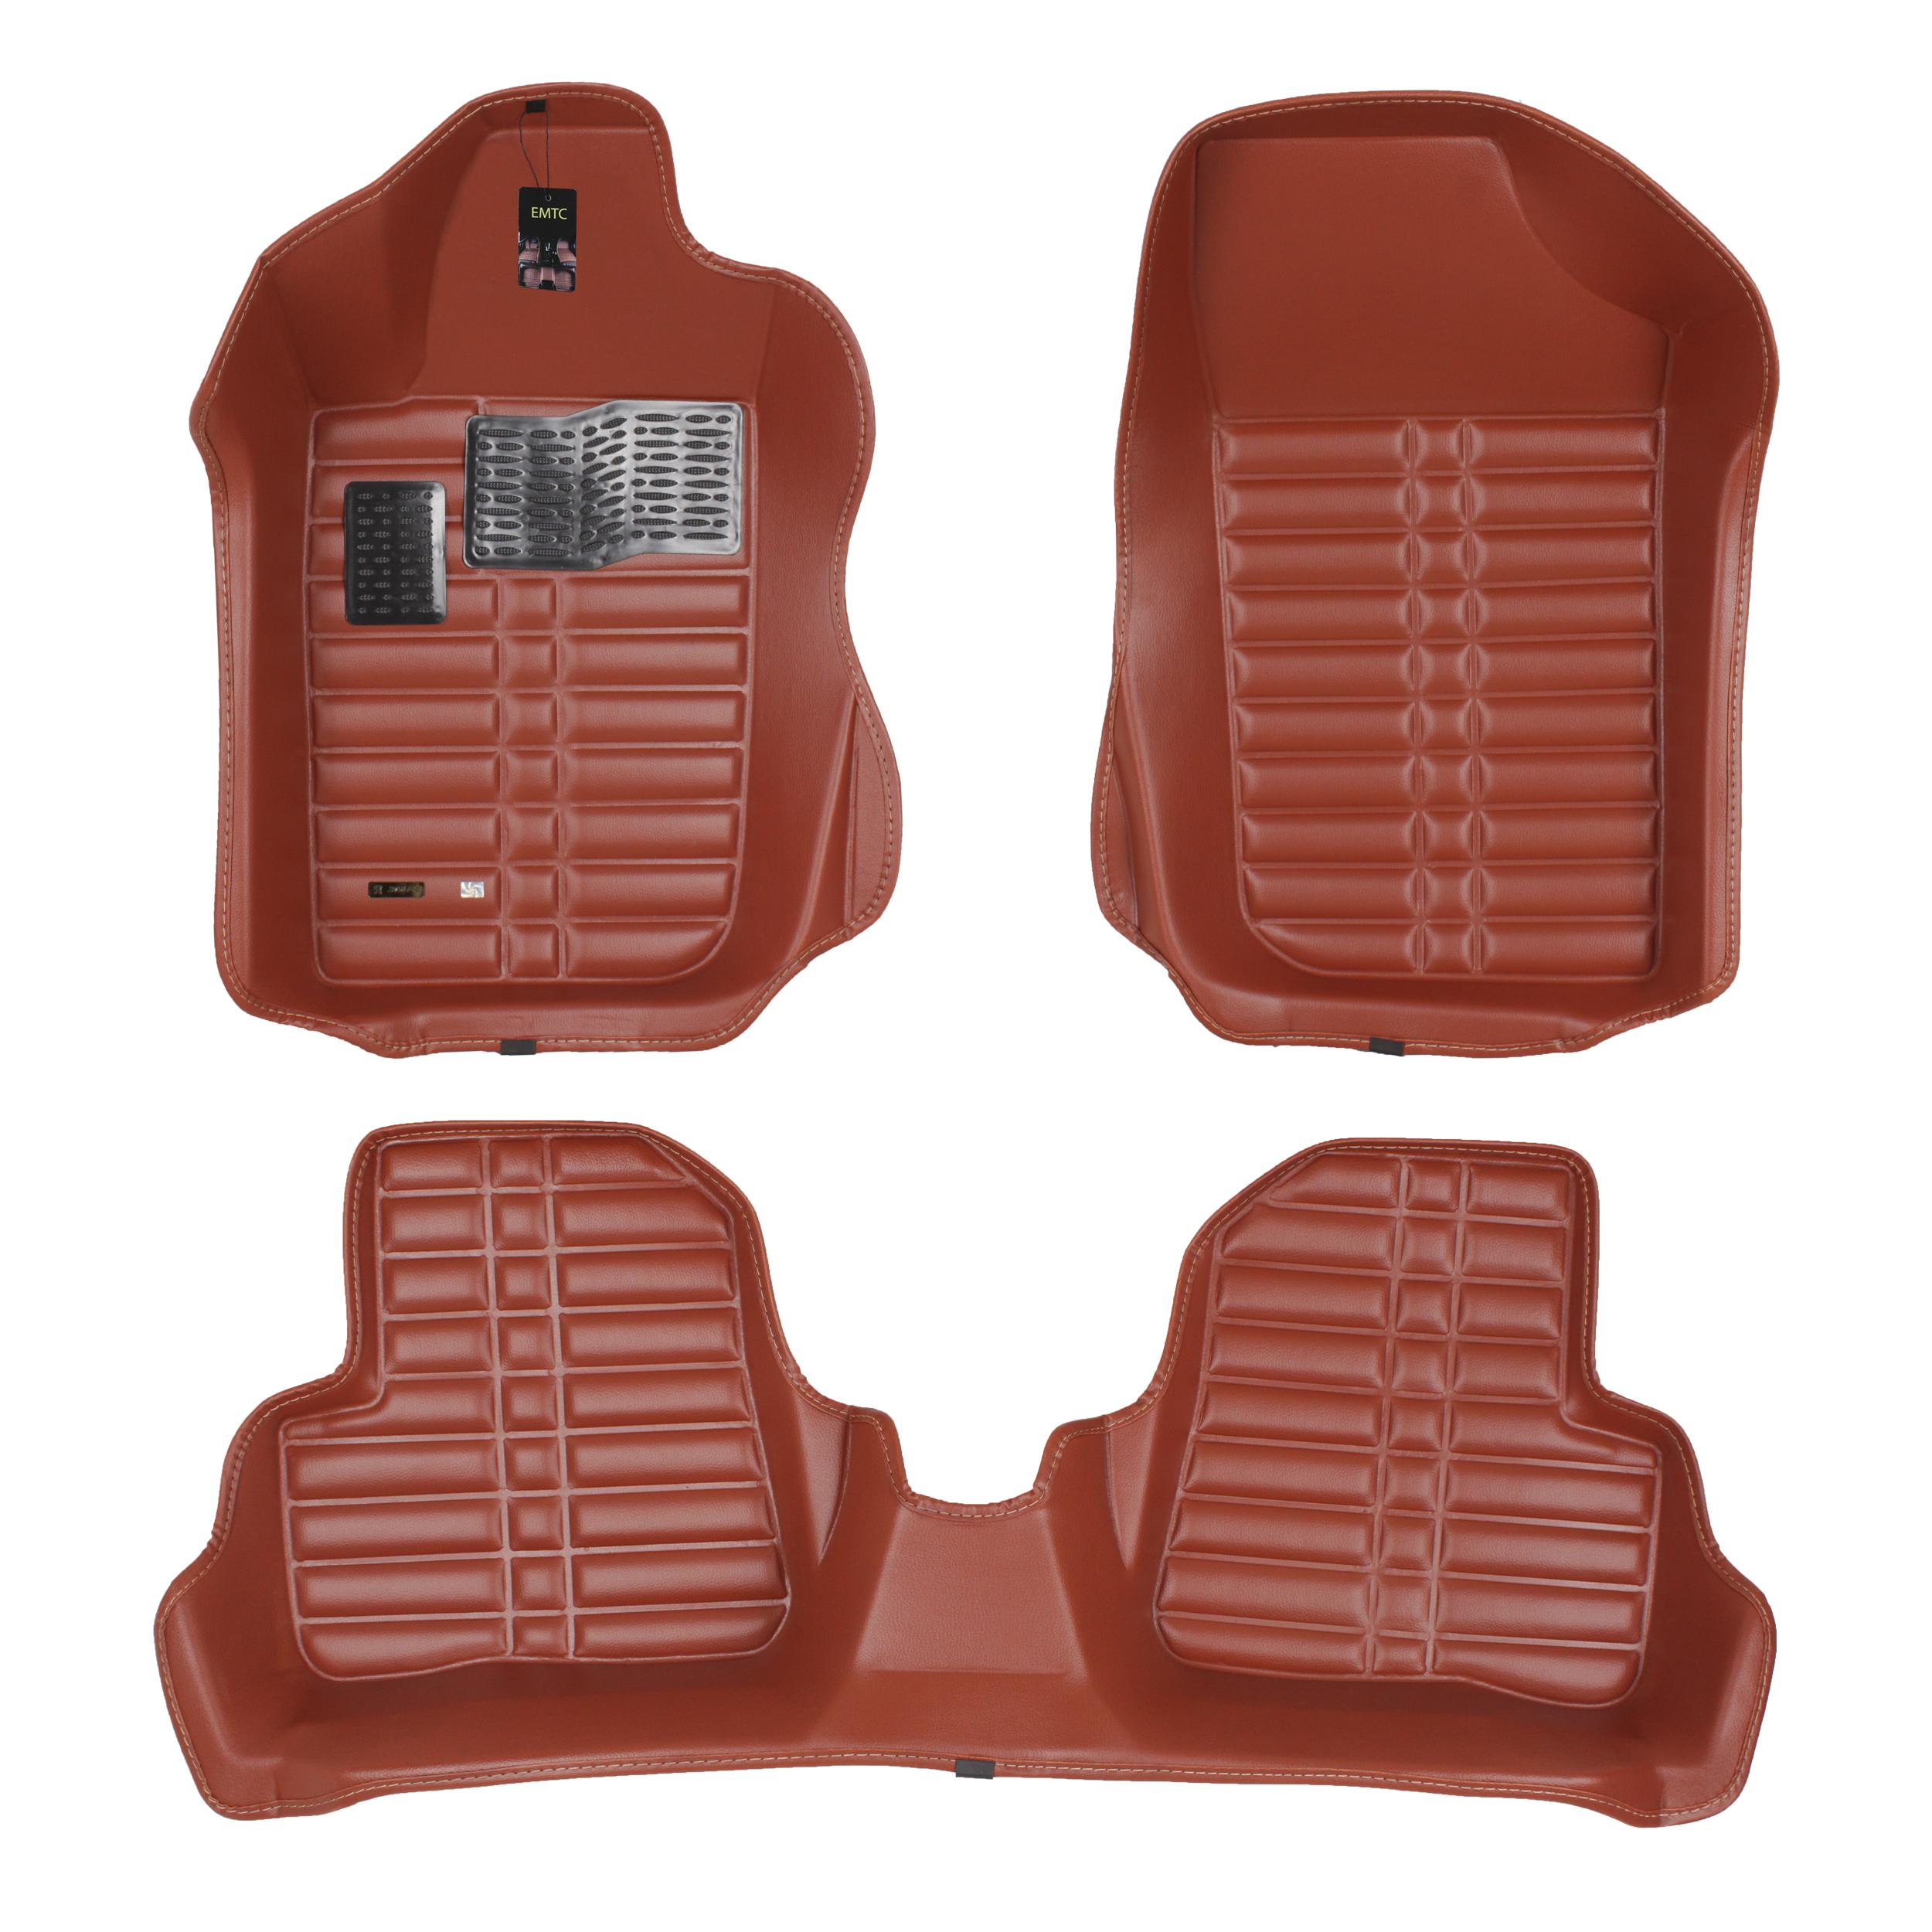 کفپوش سه بعدی خودرو ای ام تی سی مدل EMTC206 مناسب برای پژو 206